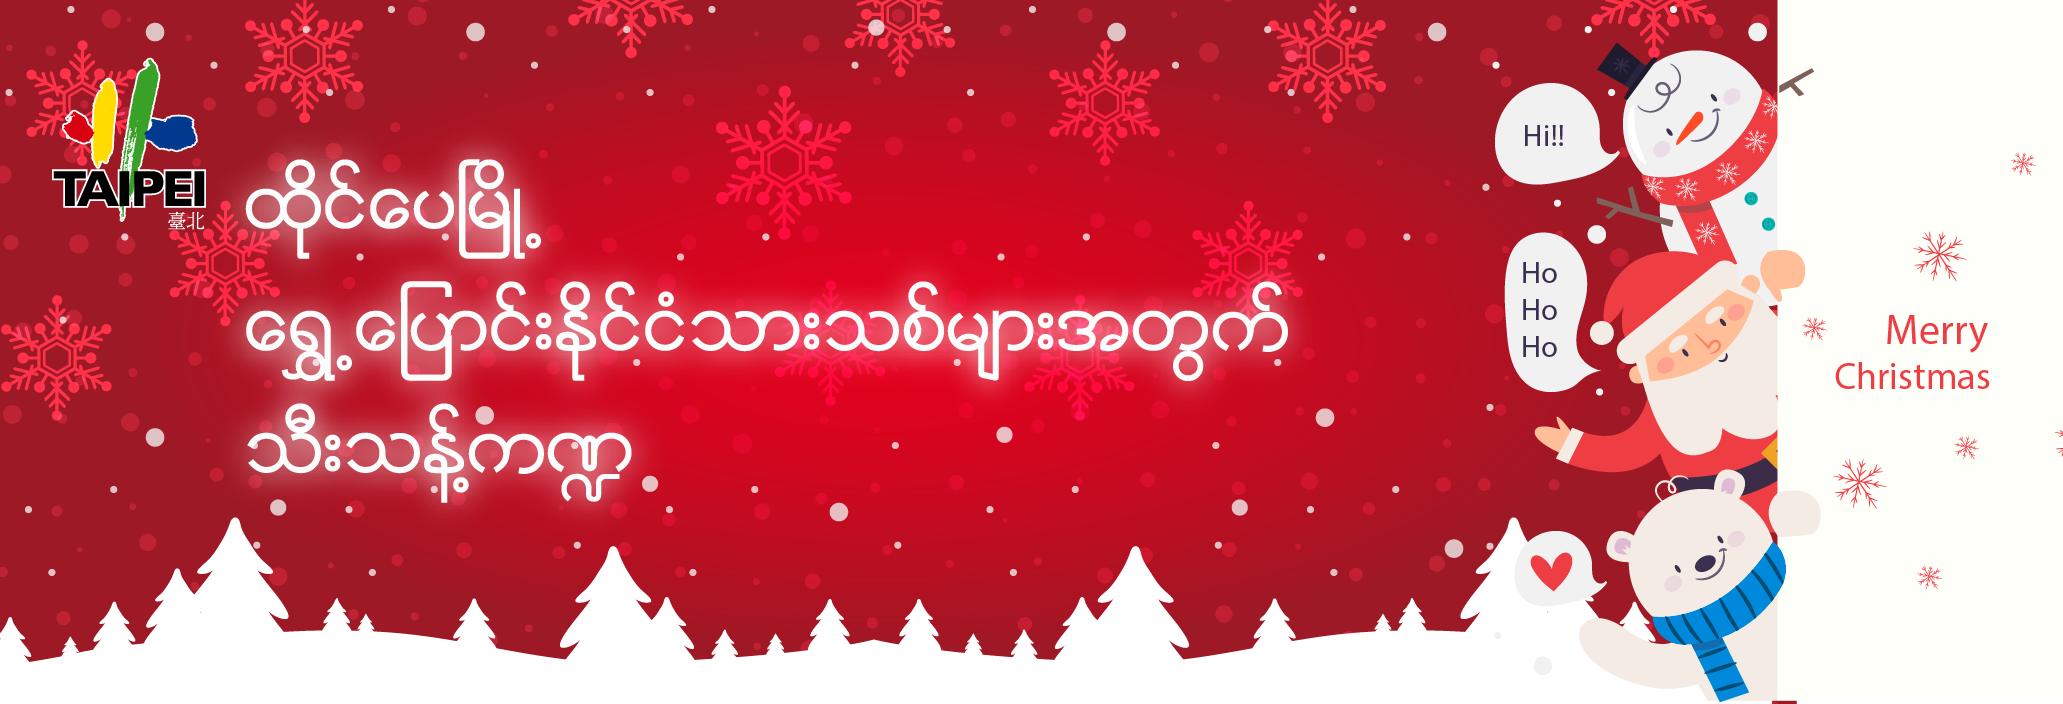 2018聖誕節banner